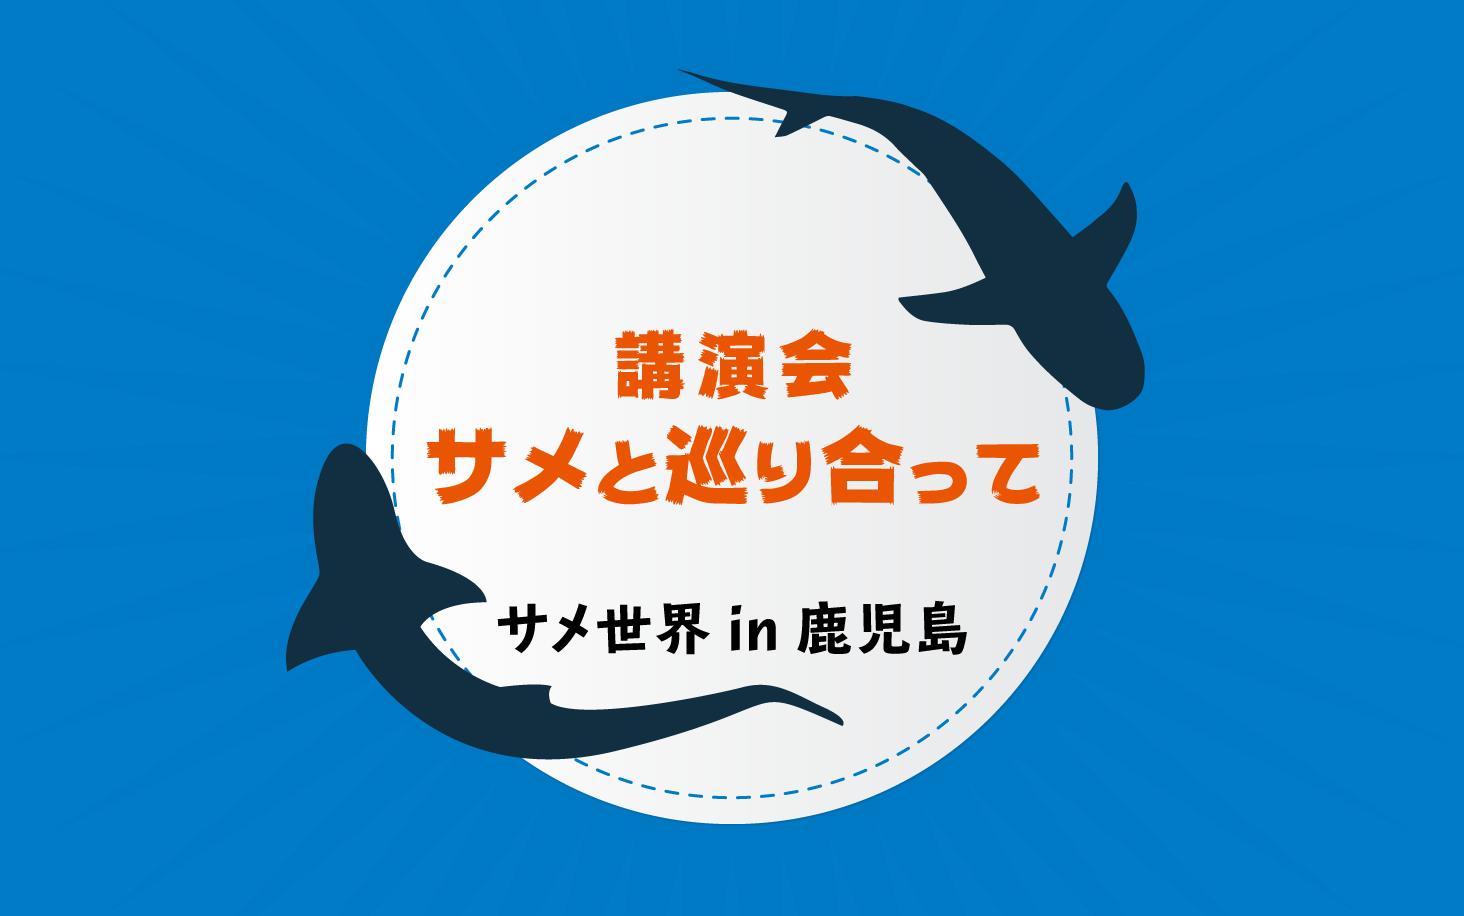 鹿児島の海のサメ事情は!?ドキドキの『サメ世界 in 鹿児島』参加者募集!